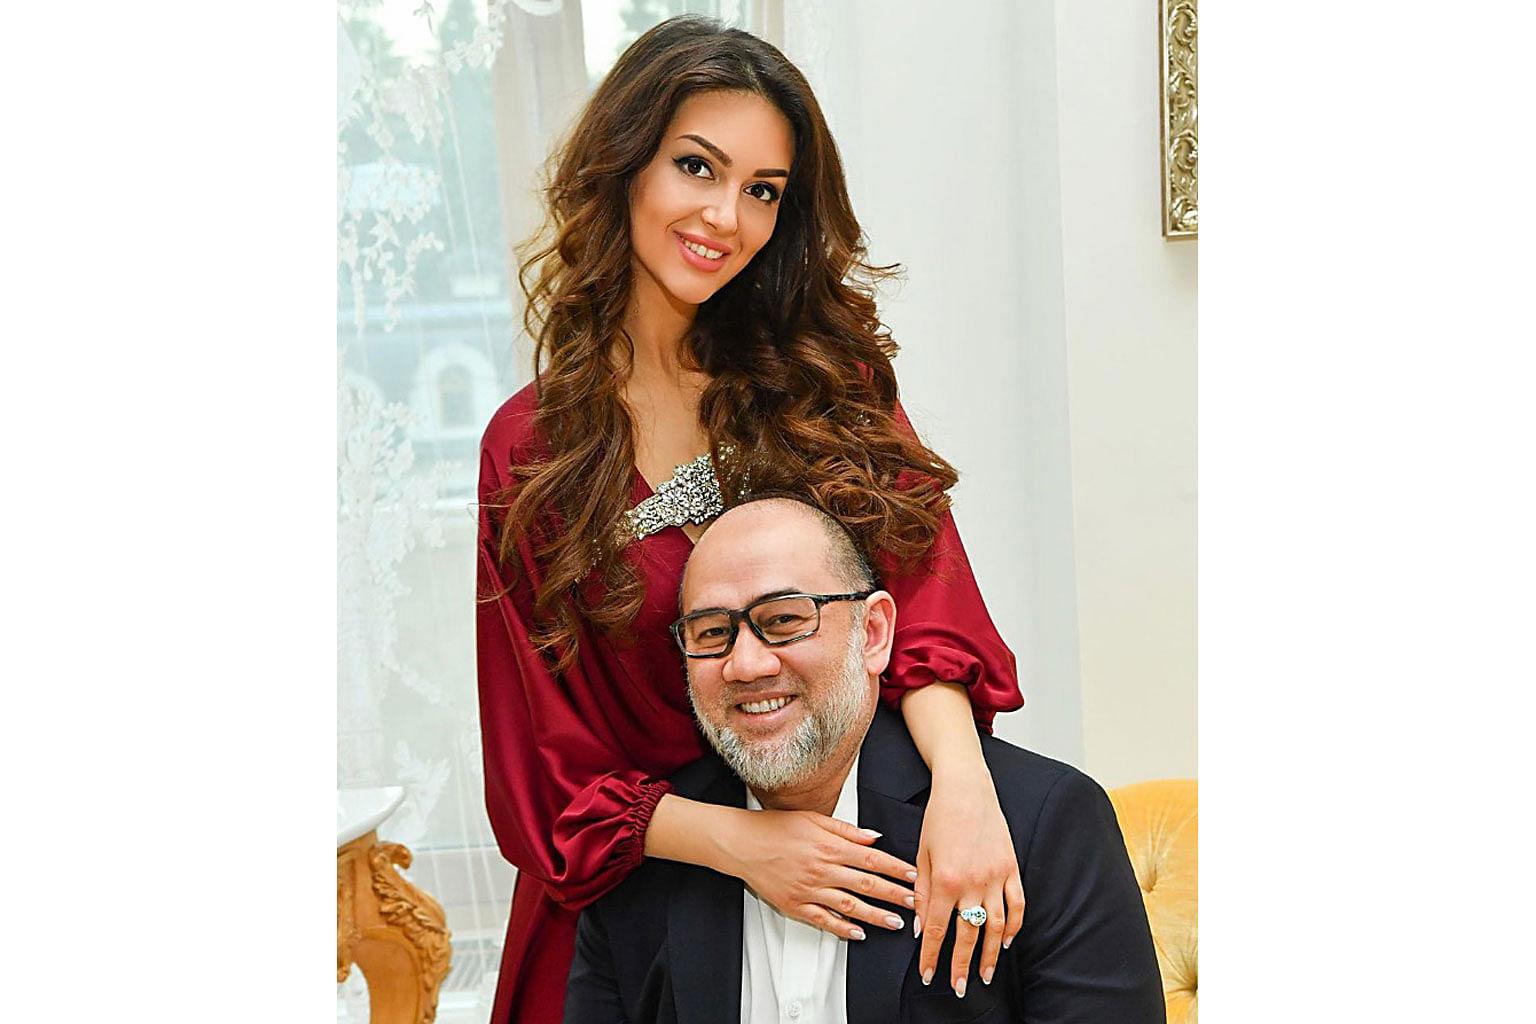 Sultan Kelantan bercerai dengan isteri Russia selepas setahun berkahwin